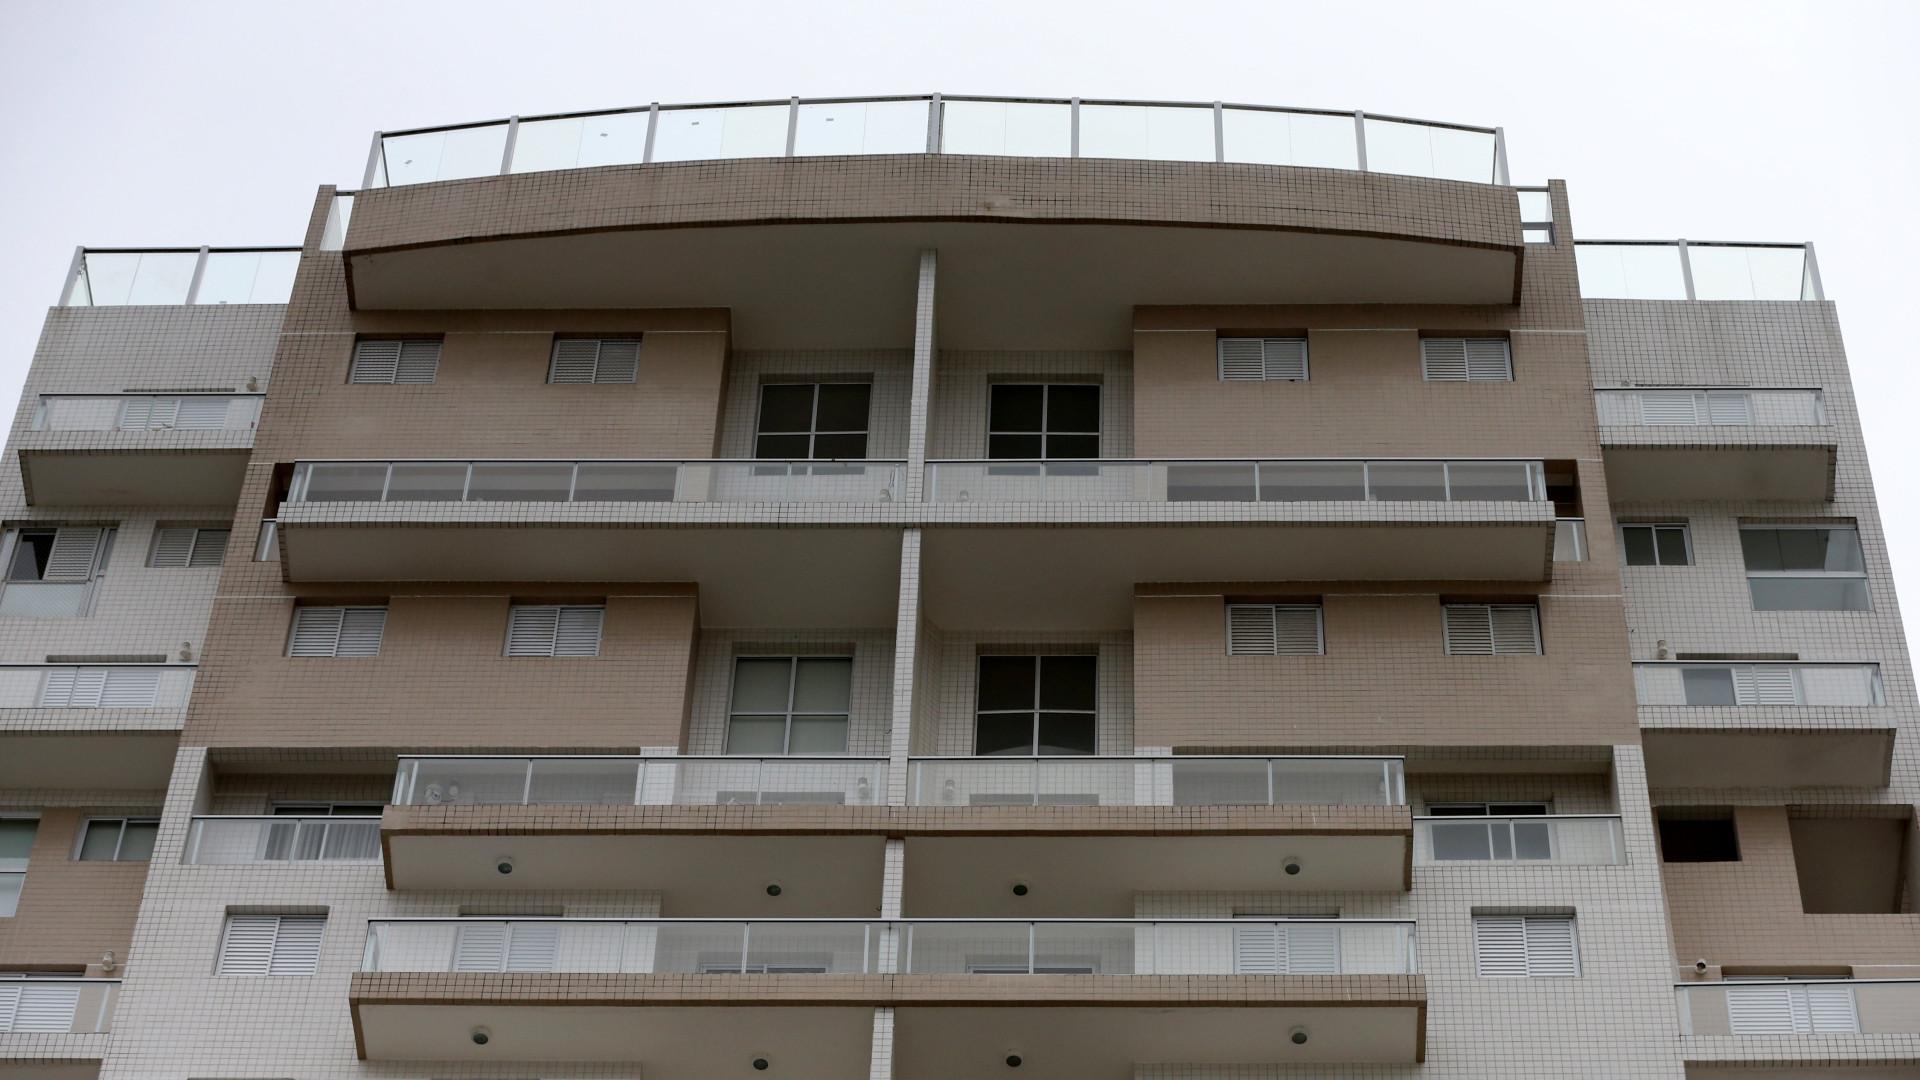 Termina ocupação do apartamento de luxo que levou Lula da Silva à prisão